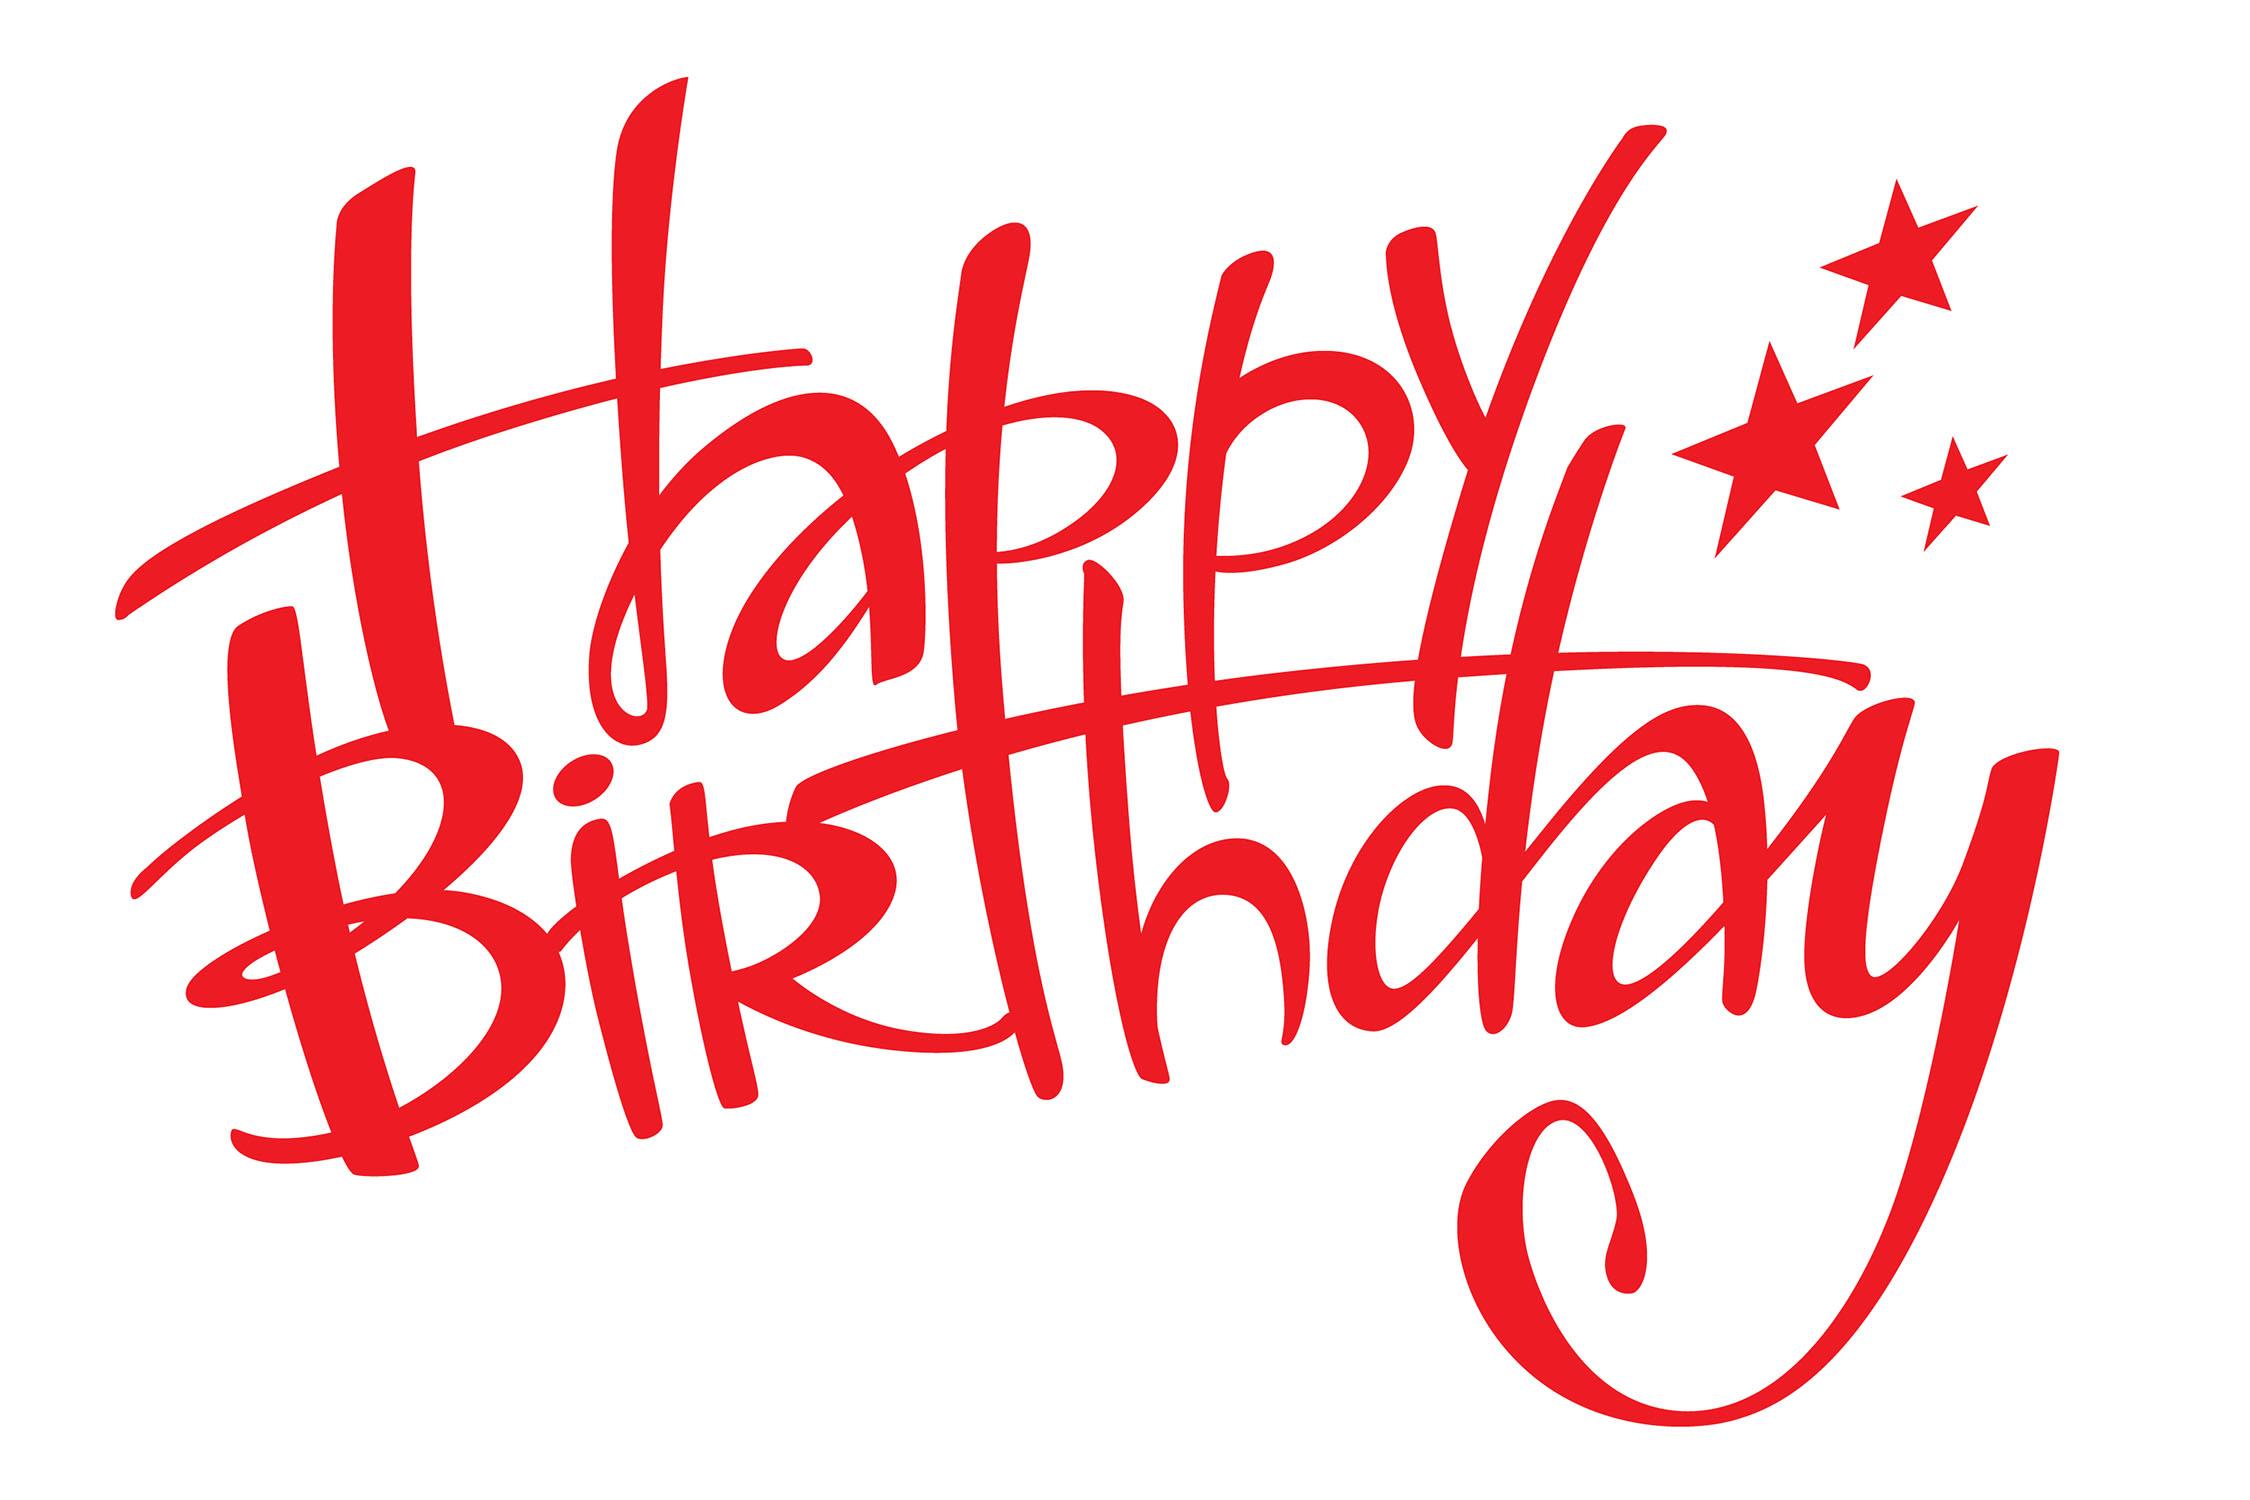 happy-birthday-text-images-11